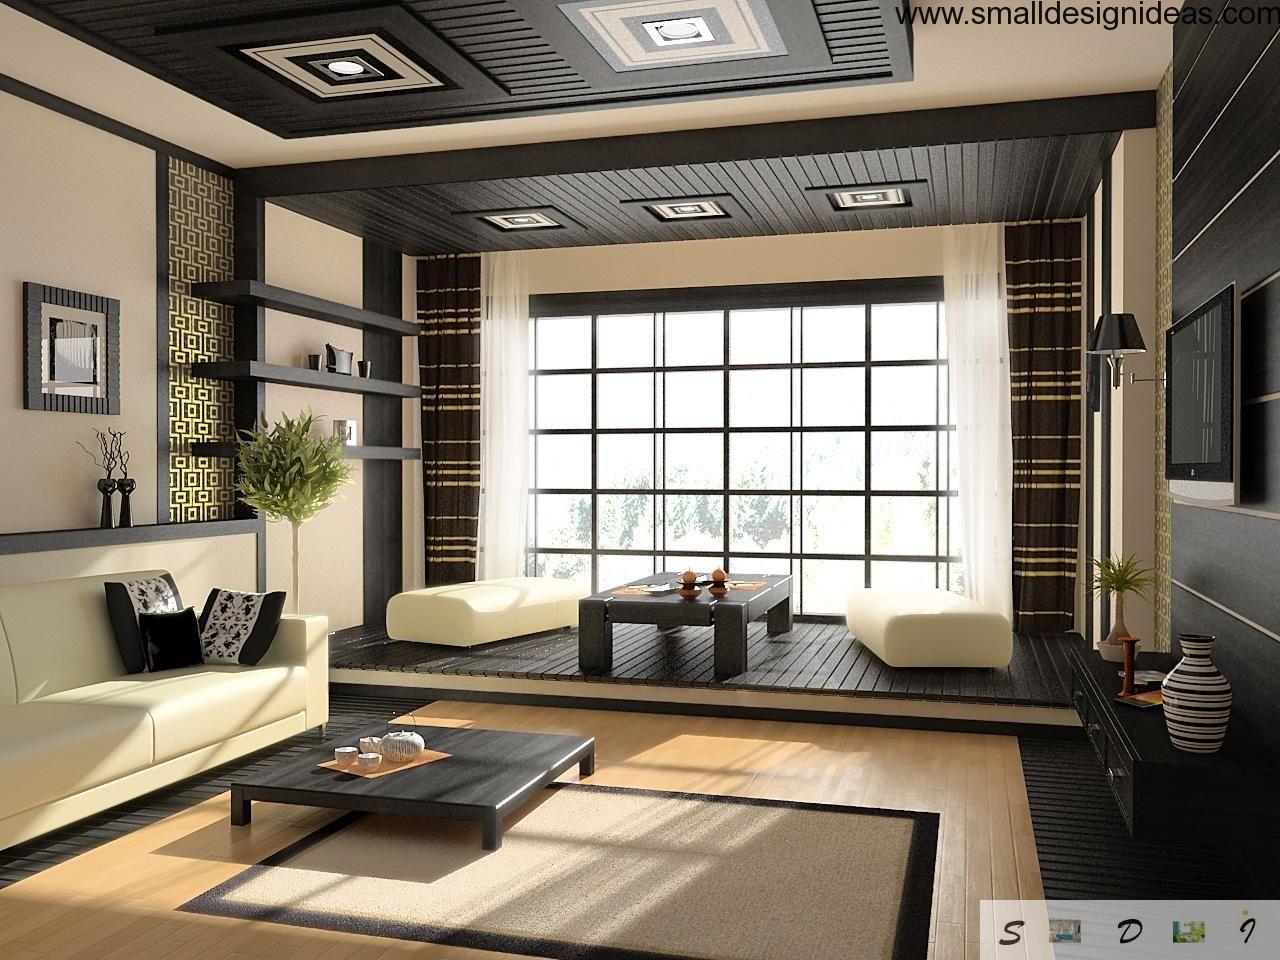 990+ Ide Desain Kamar Jepang HD Terbaik Unduh Gratis